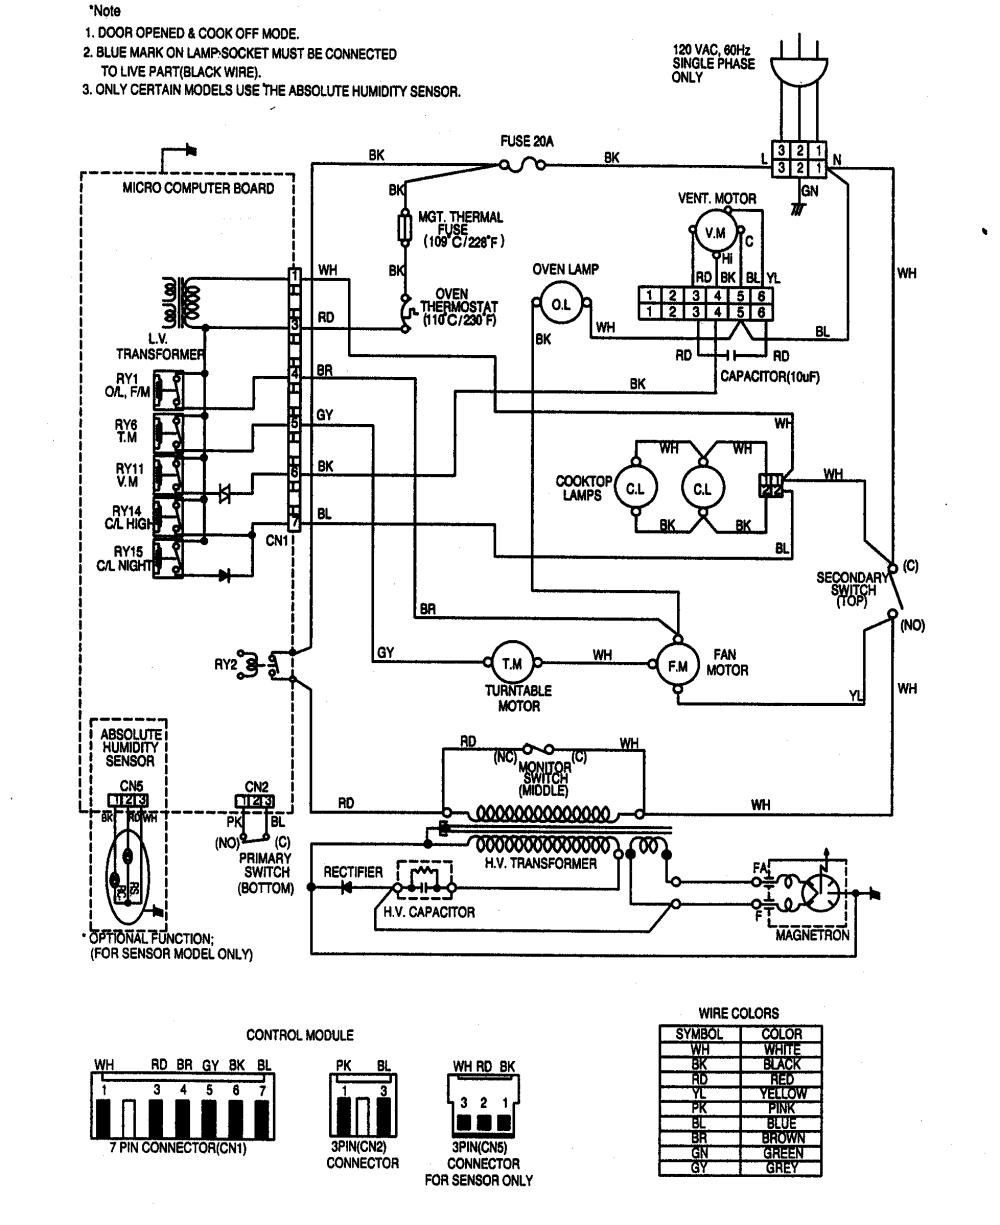 medium resolution of kenmore microwave wiring diagram share circuit diagrams kenmore microwave wiring diagram